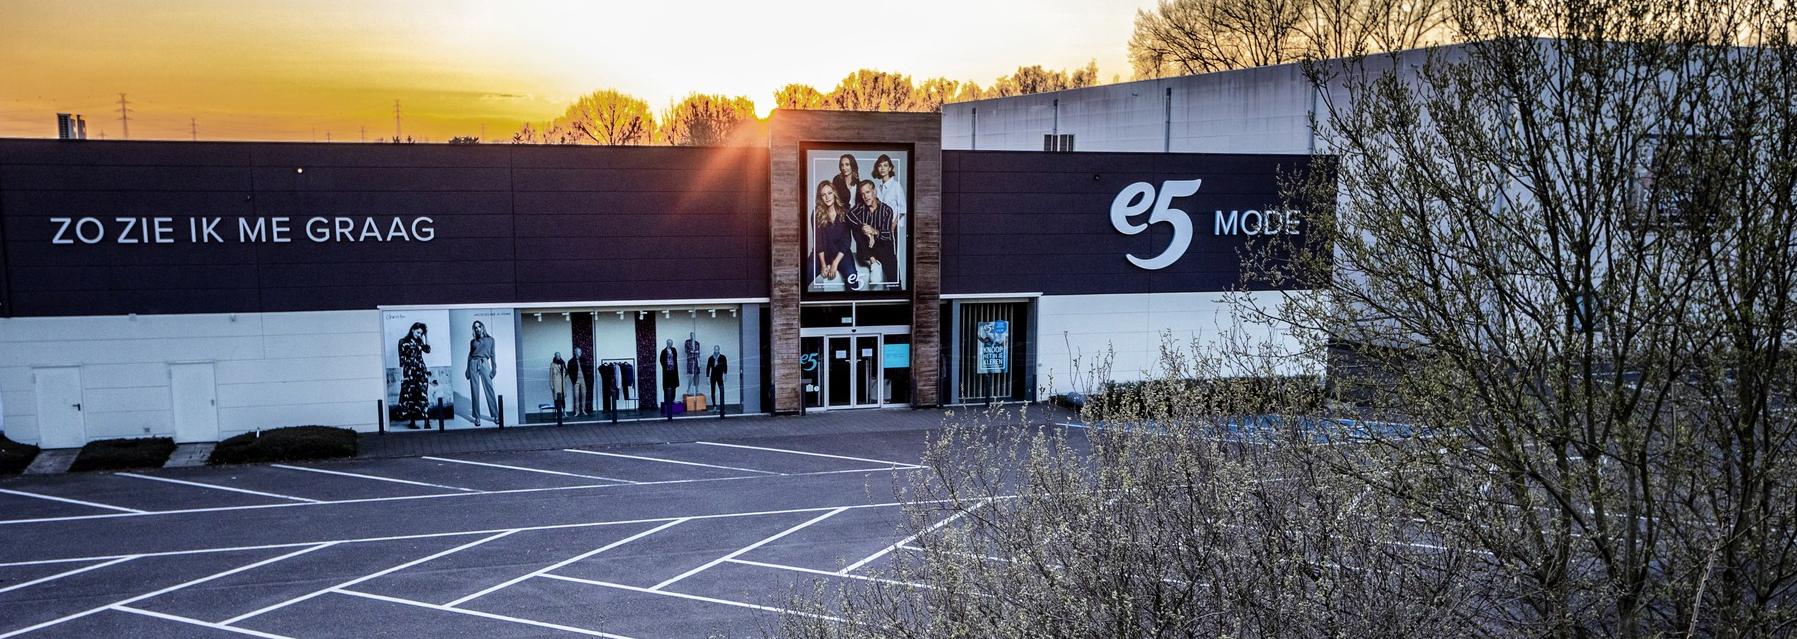 """La chaîne de mode belge """"e5 mode"""" demande une protection contre ses créanciers 2"""